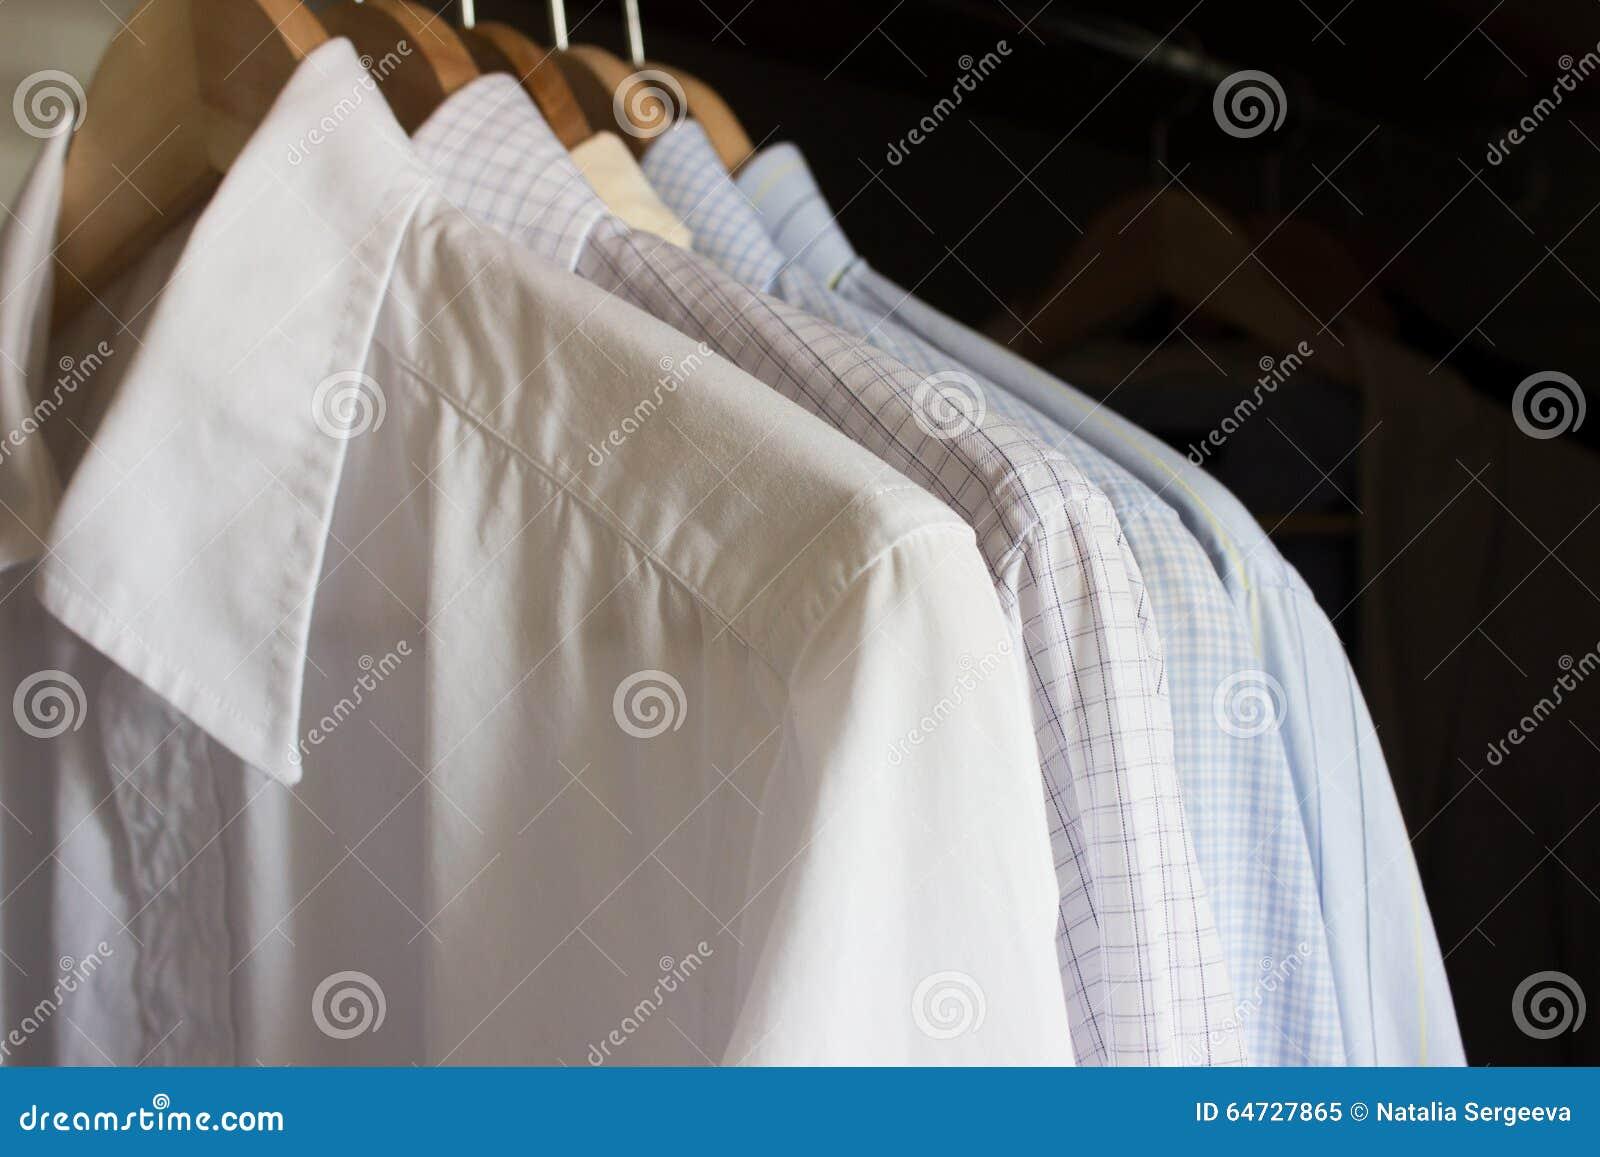 Camice in un guardaroba